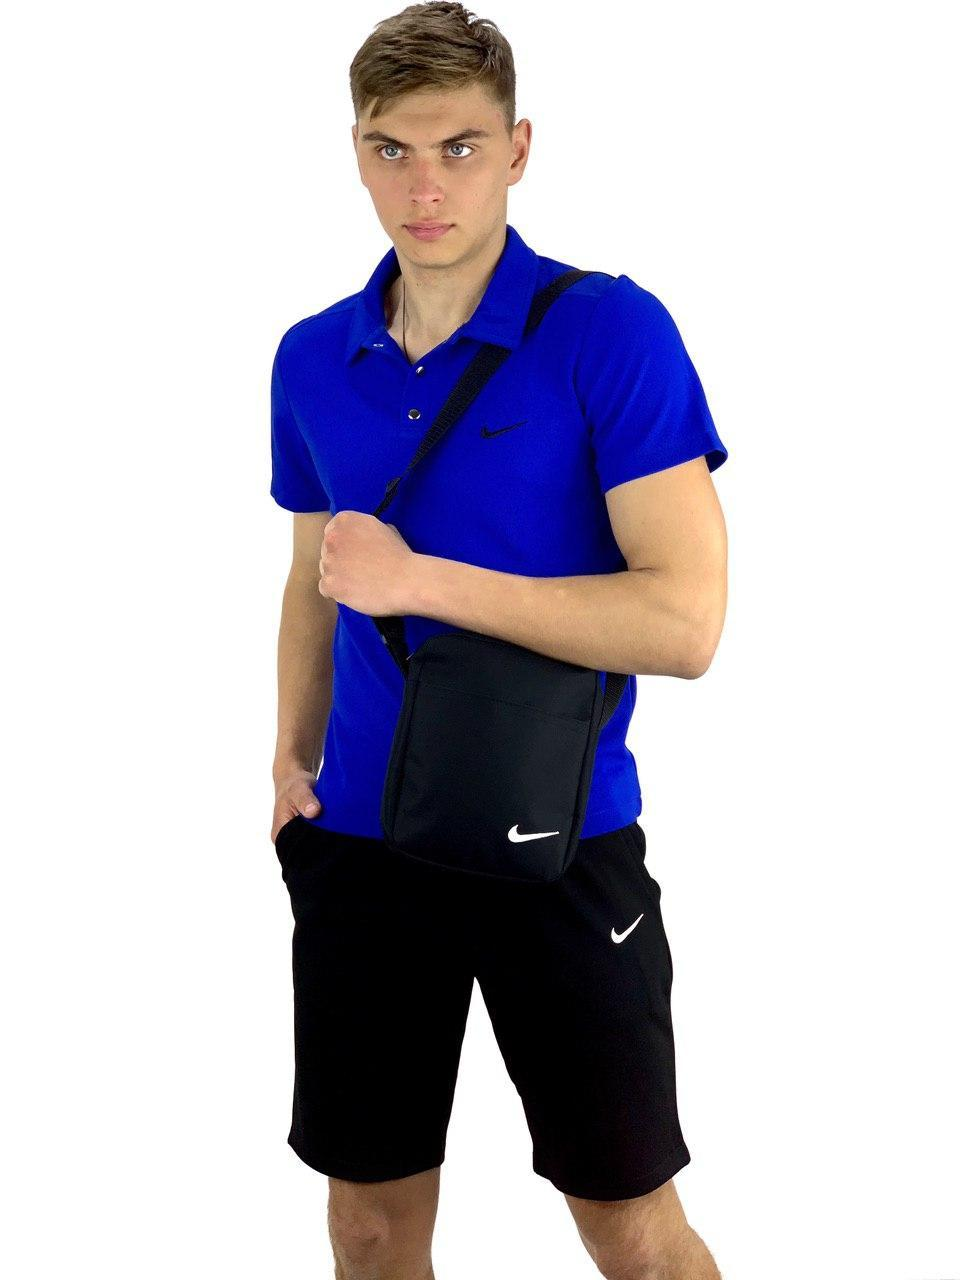 Мужской летний комплект шорты и футболка поло Nike (Найк) синяя + Барсетка